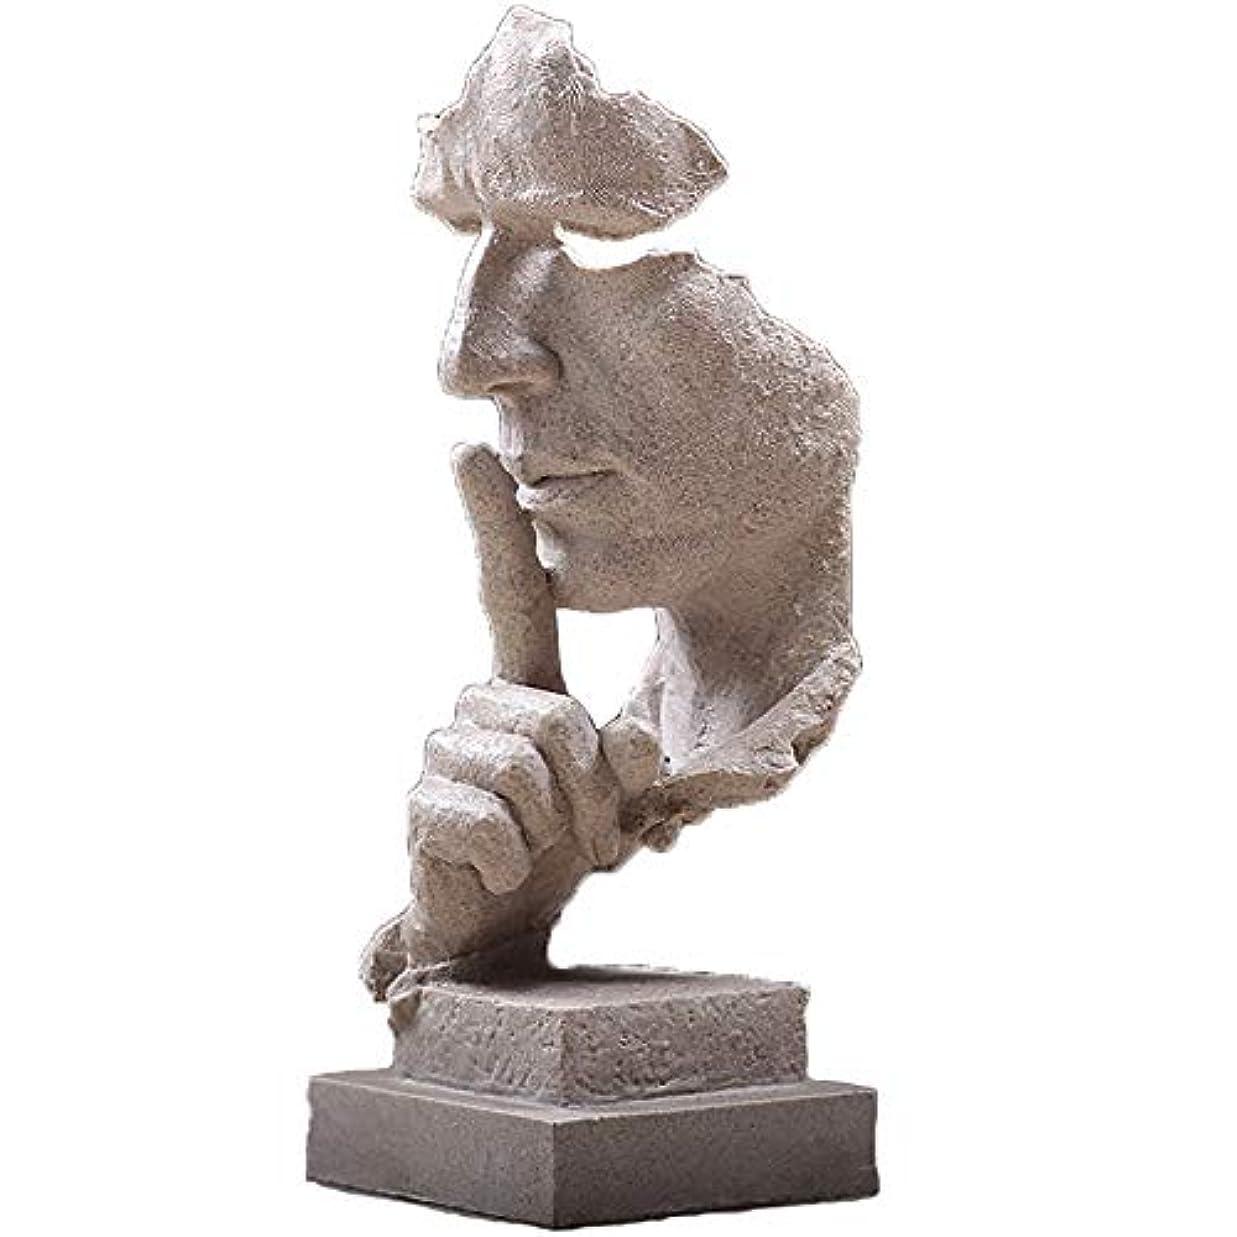 バレルタイト保持する樹脂抽象彫刻沈黙はゴールデン男性像キャラクター工芸品装飾用オフィスリビングルームアートワーク,White